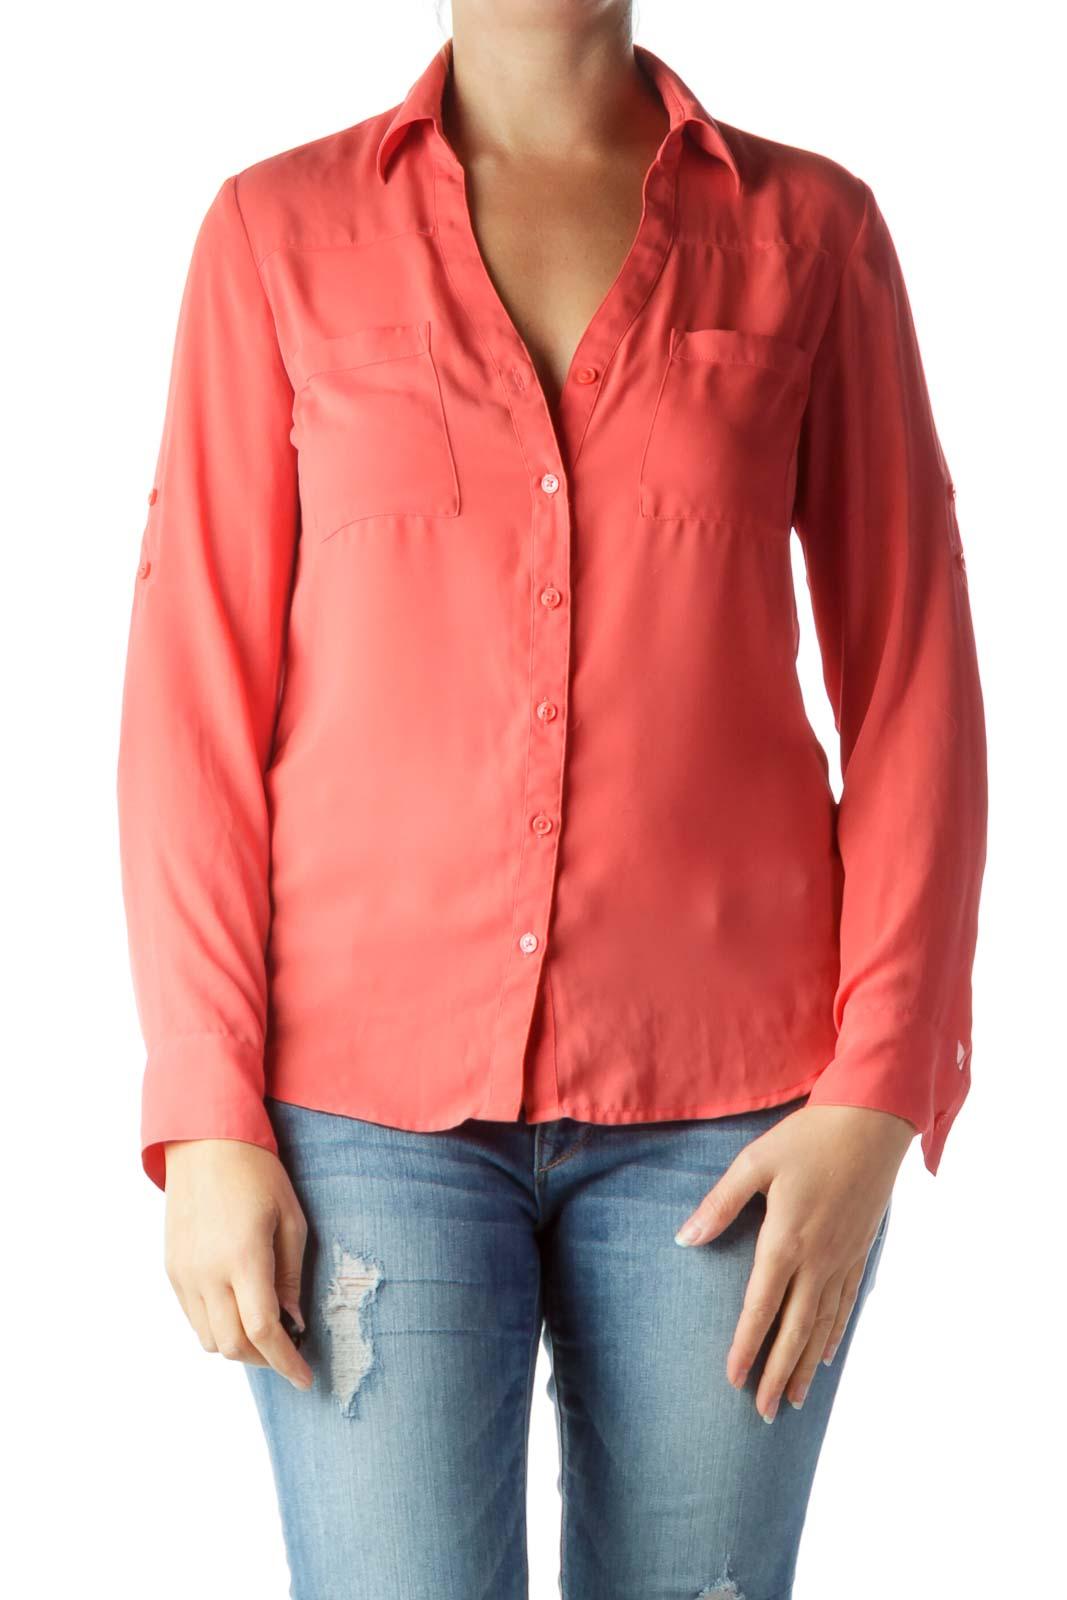 Orange Pocketed Collared Shirt